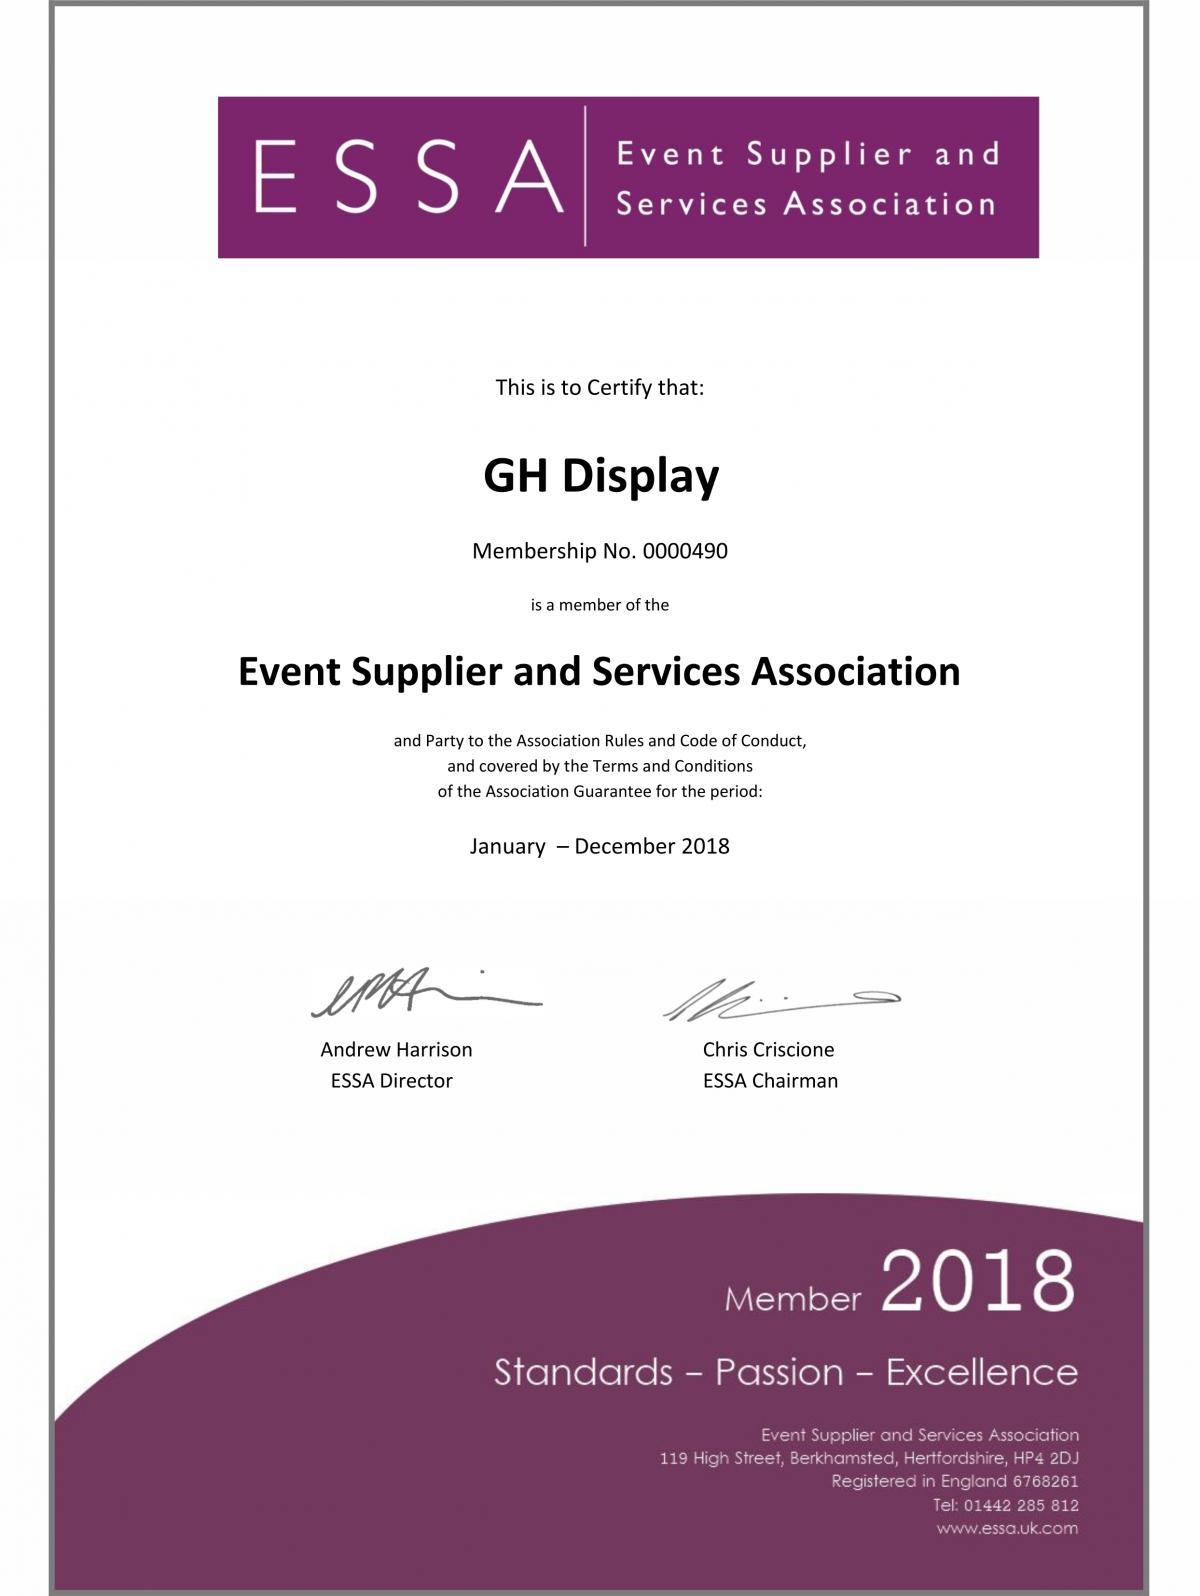 ESSA Certificate 2018